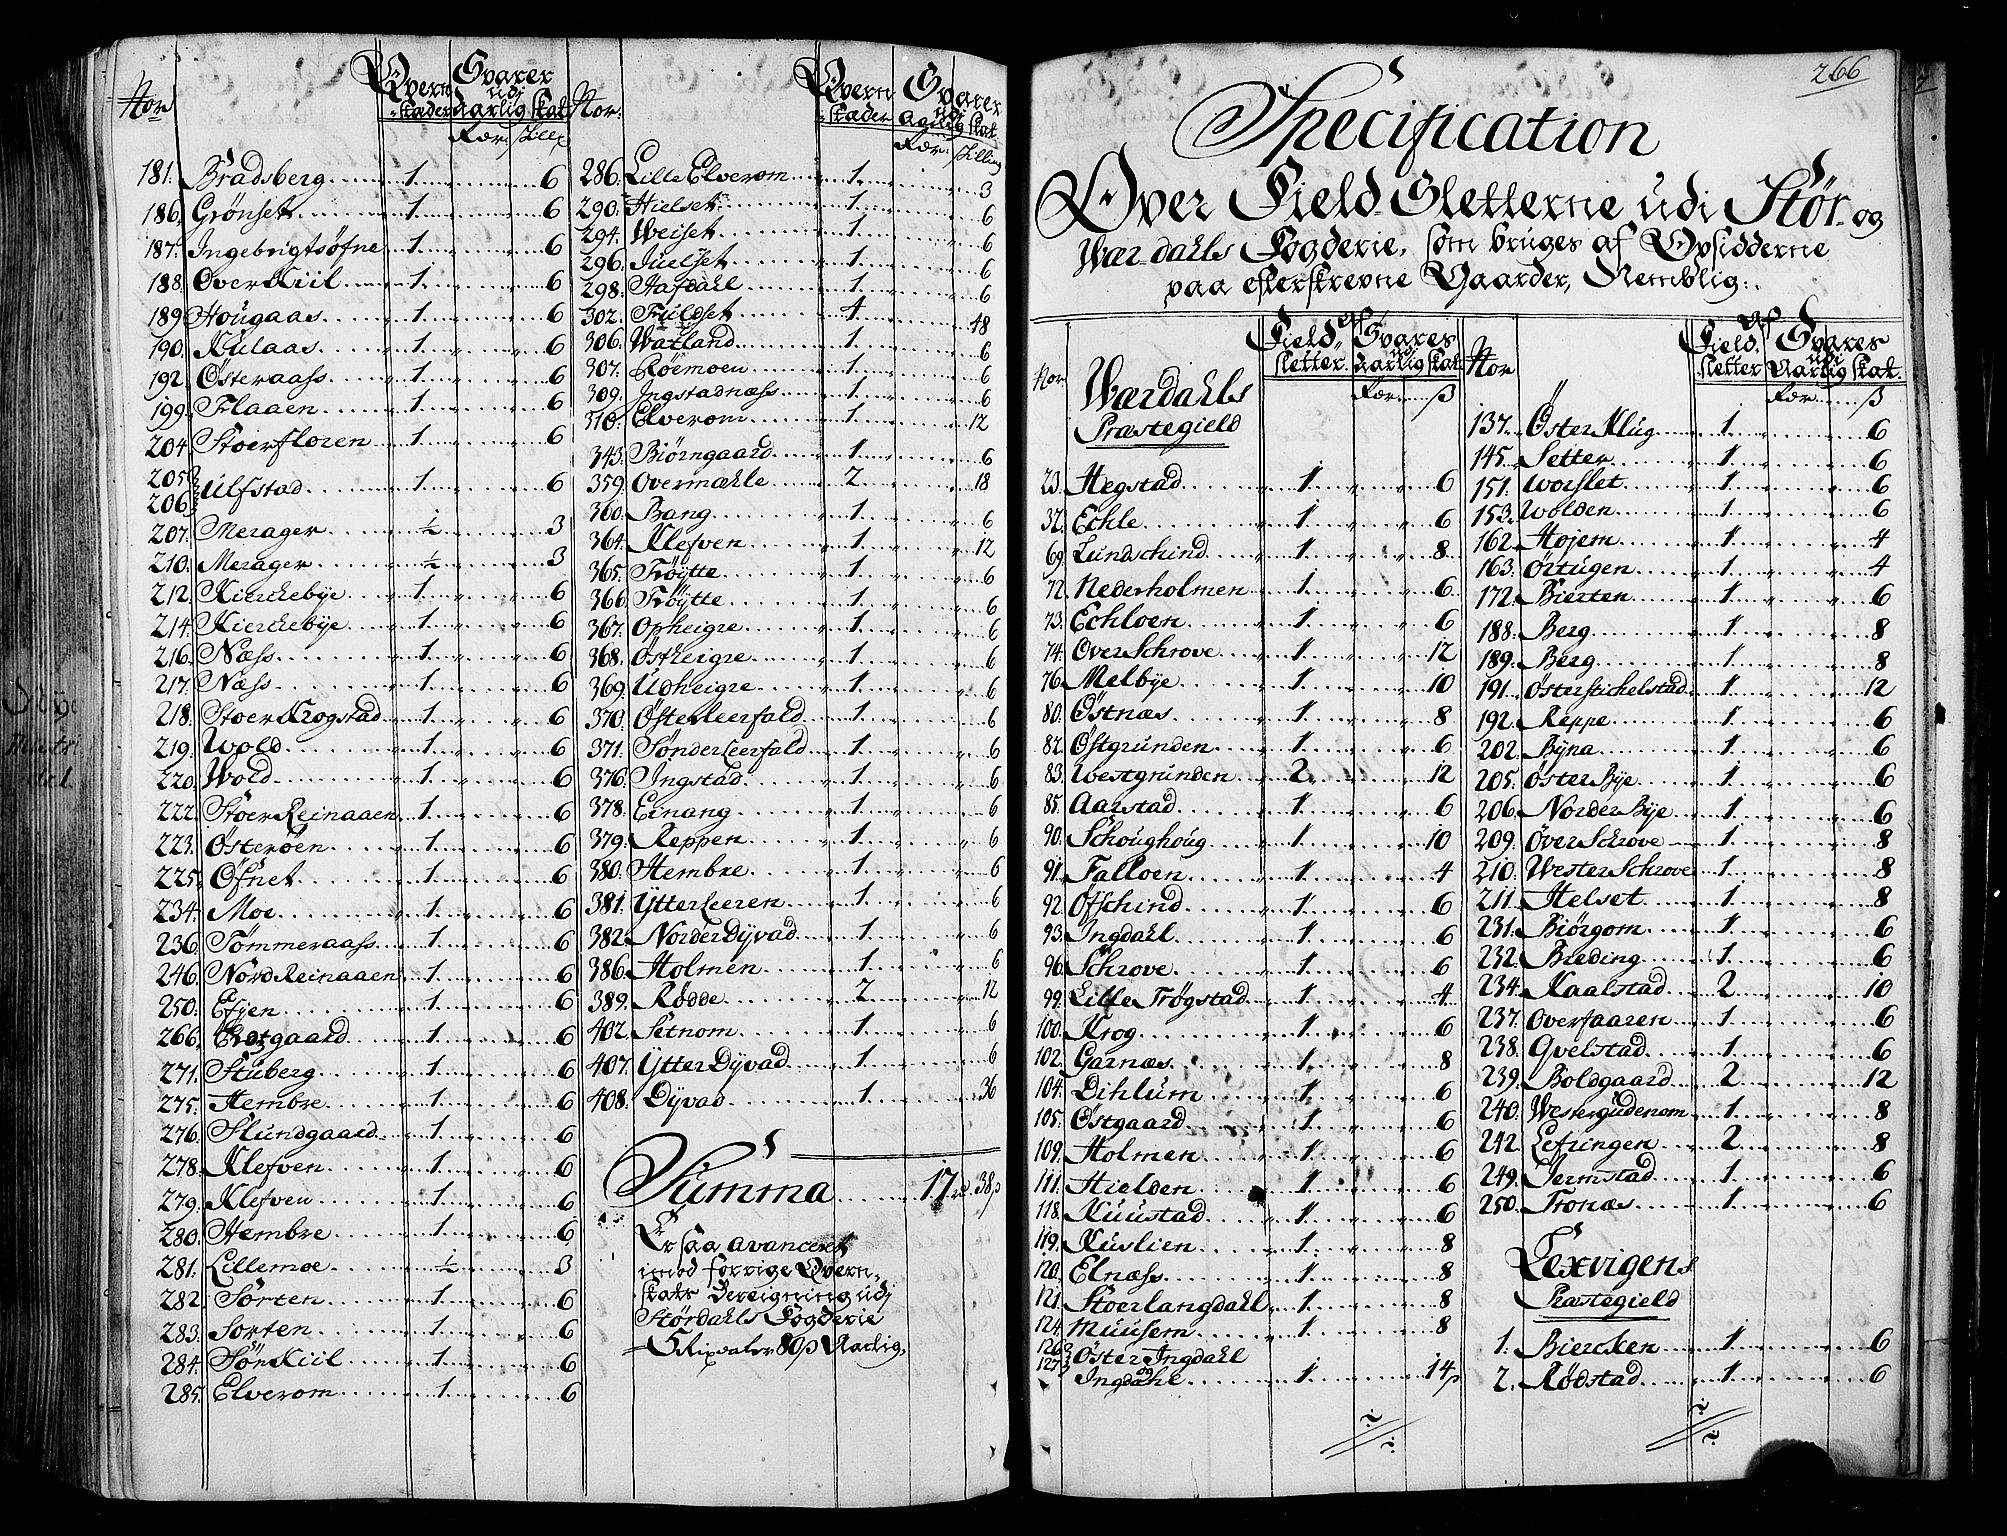 RA, Rentekammeret inntil 1814, Realistisk ordnet avdeling, N/Nb/Nbf/L0165: Stjørdal og Verdal matrikkelprotokoll, 1723, s. 265b-266a